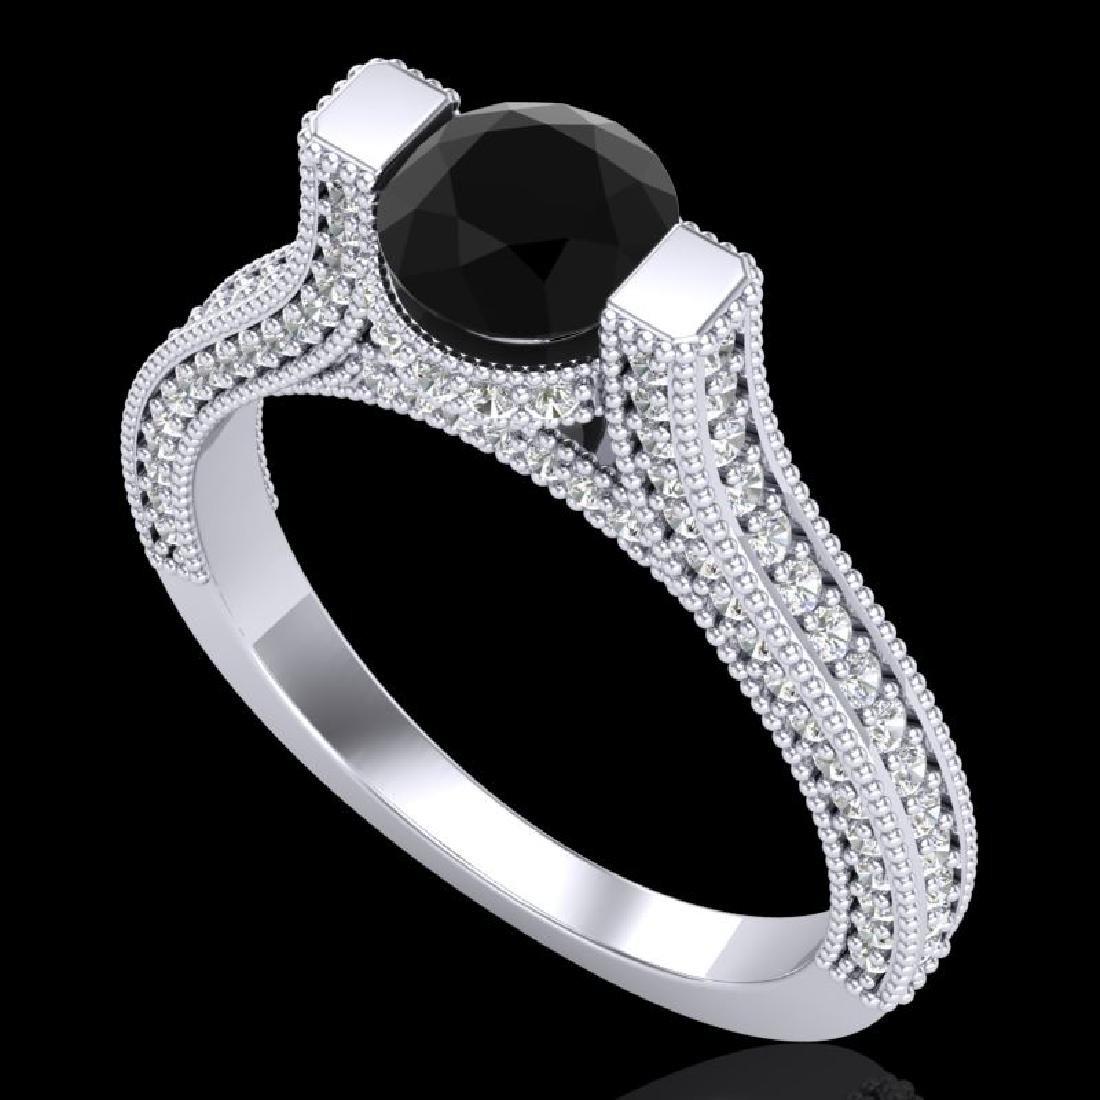 2 CTW Fancy Black Diamond Solitaire Engagement Micro